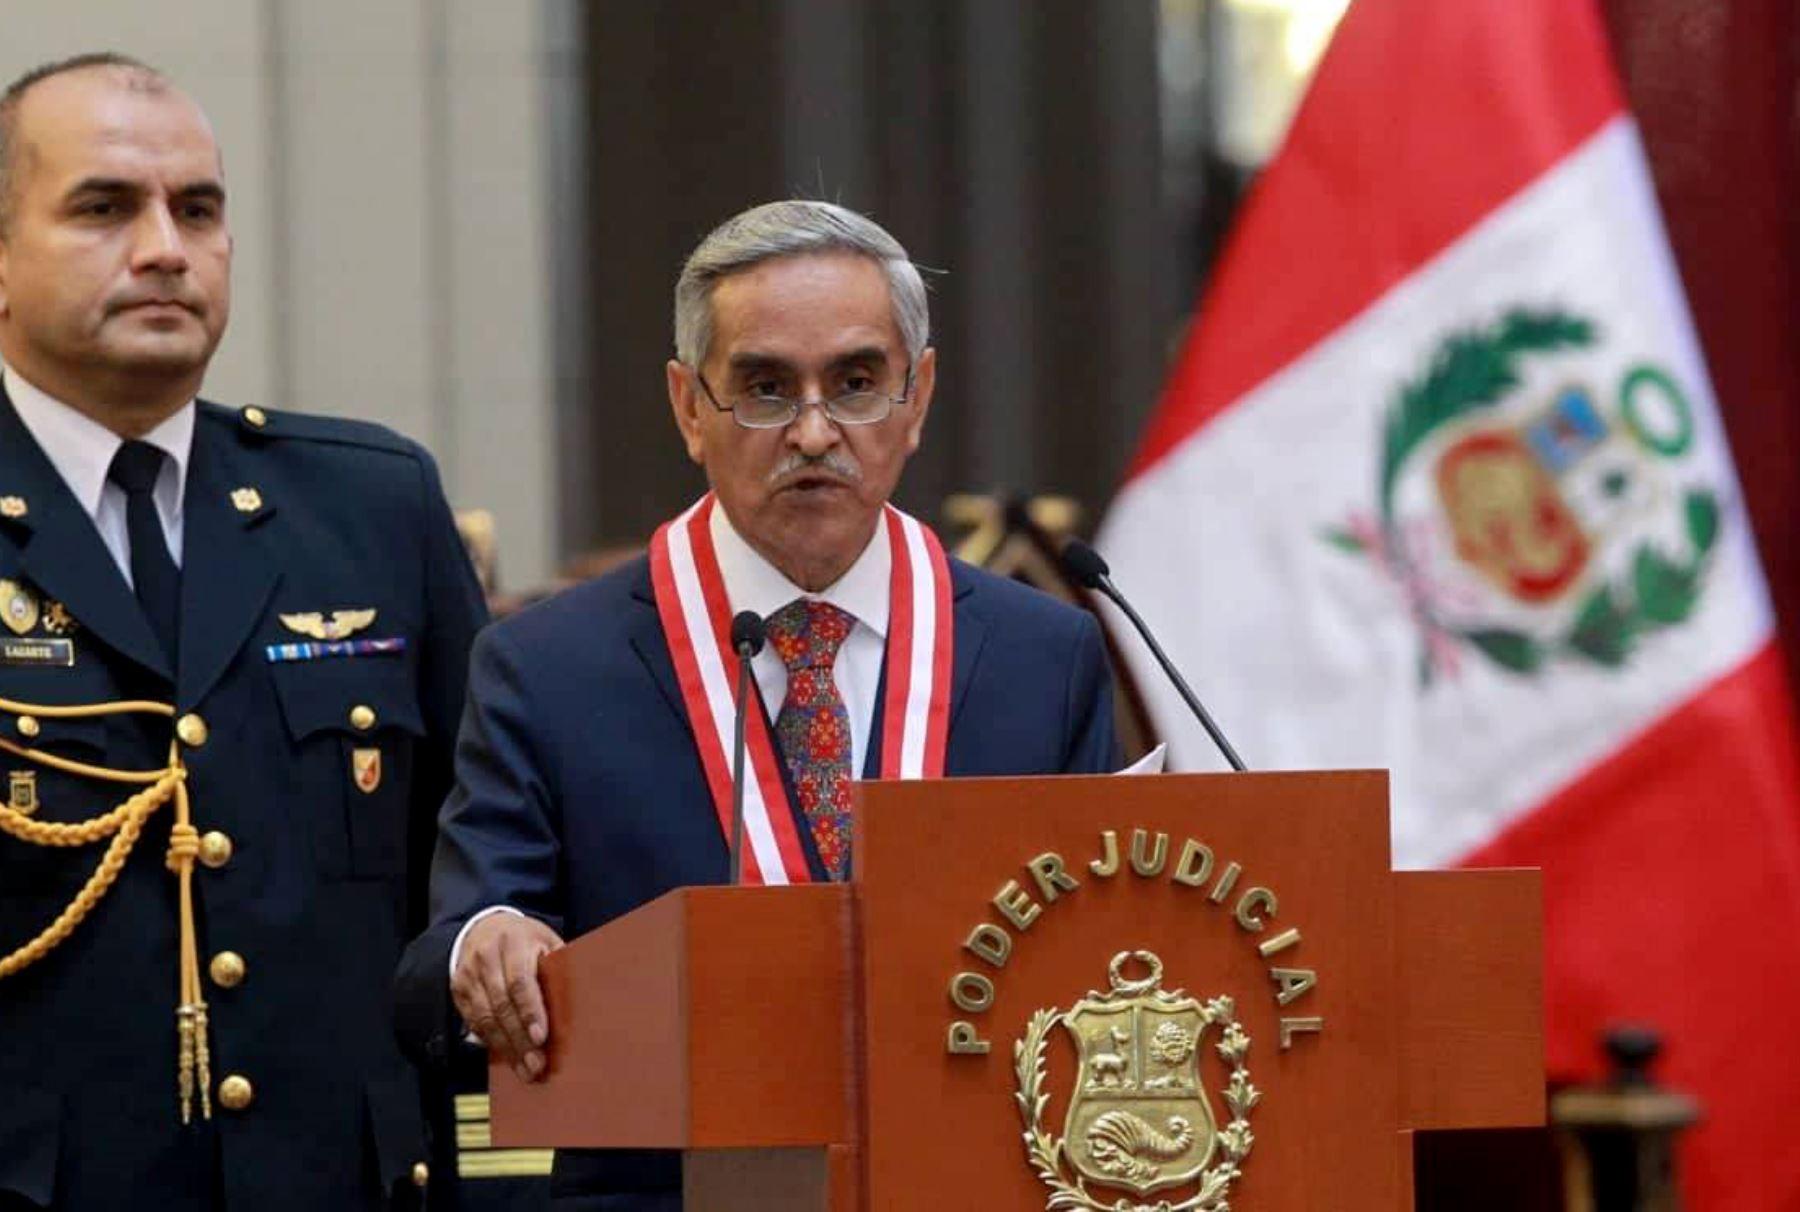 Presidente del Poder Judicial denuncia amenazas de muerte